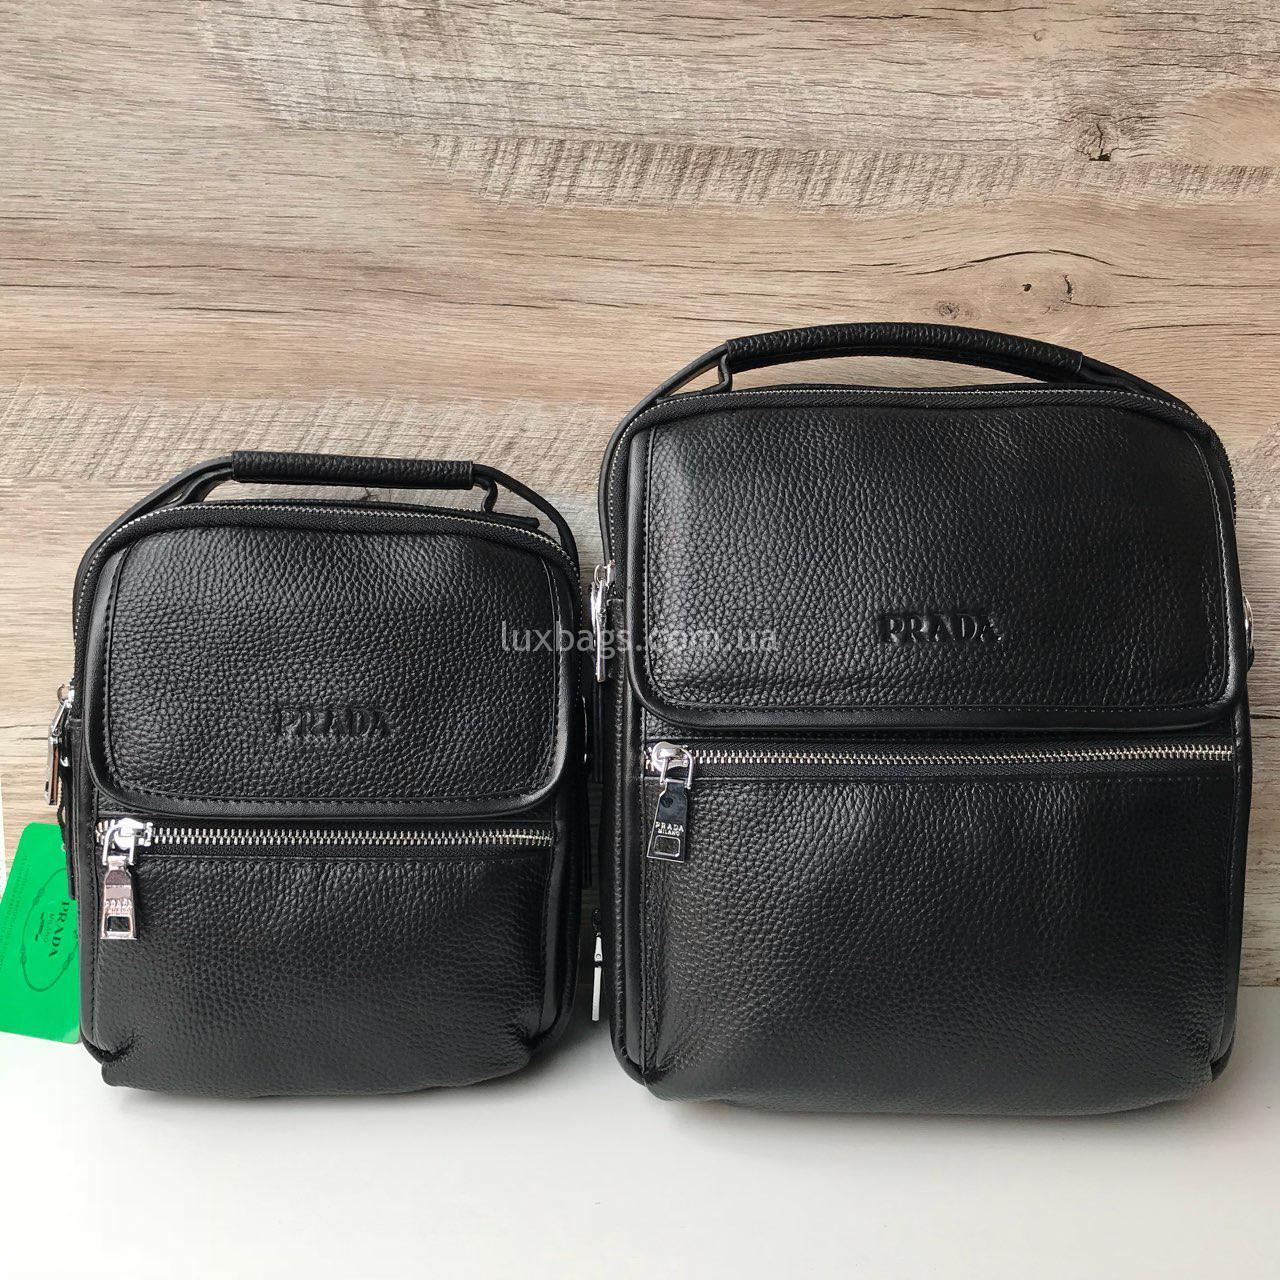 3fa4d00b7d15 Мужская барсетка-сумка Prada Купить на lux-bags Недорого